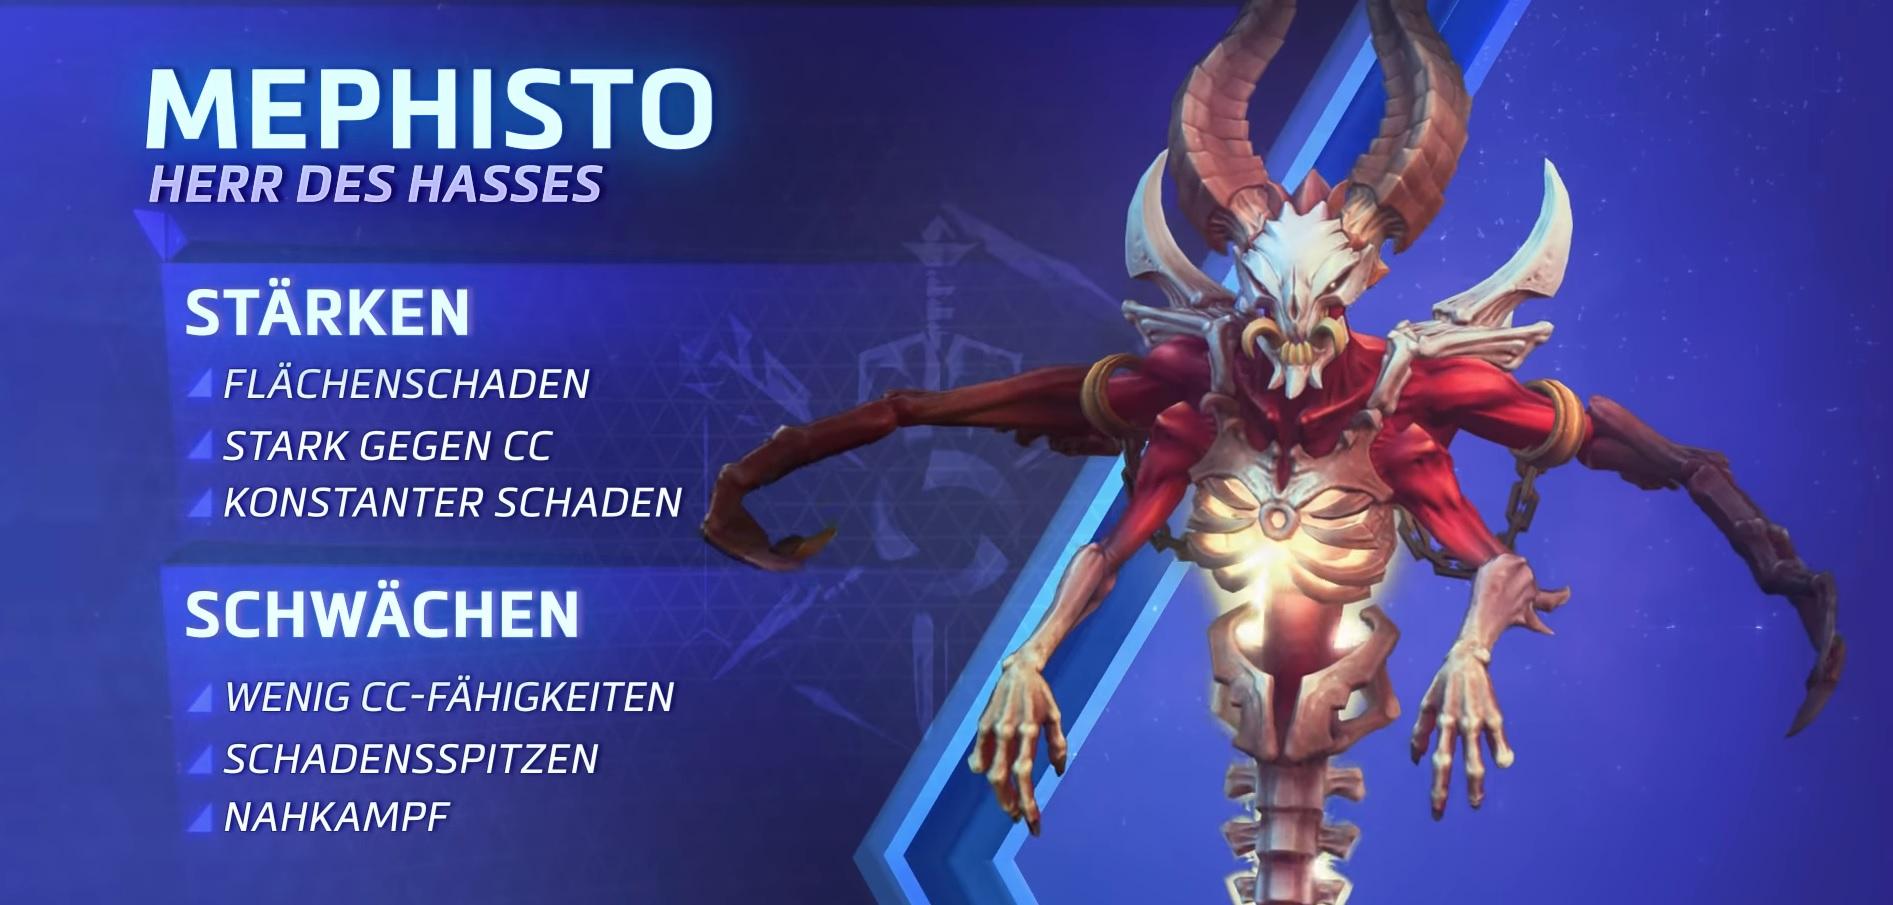 HotS Mephisto Character Sheet